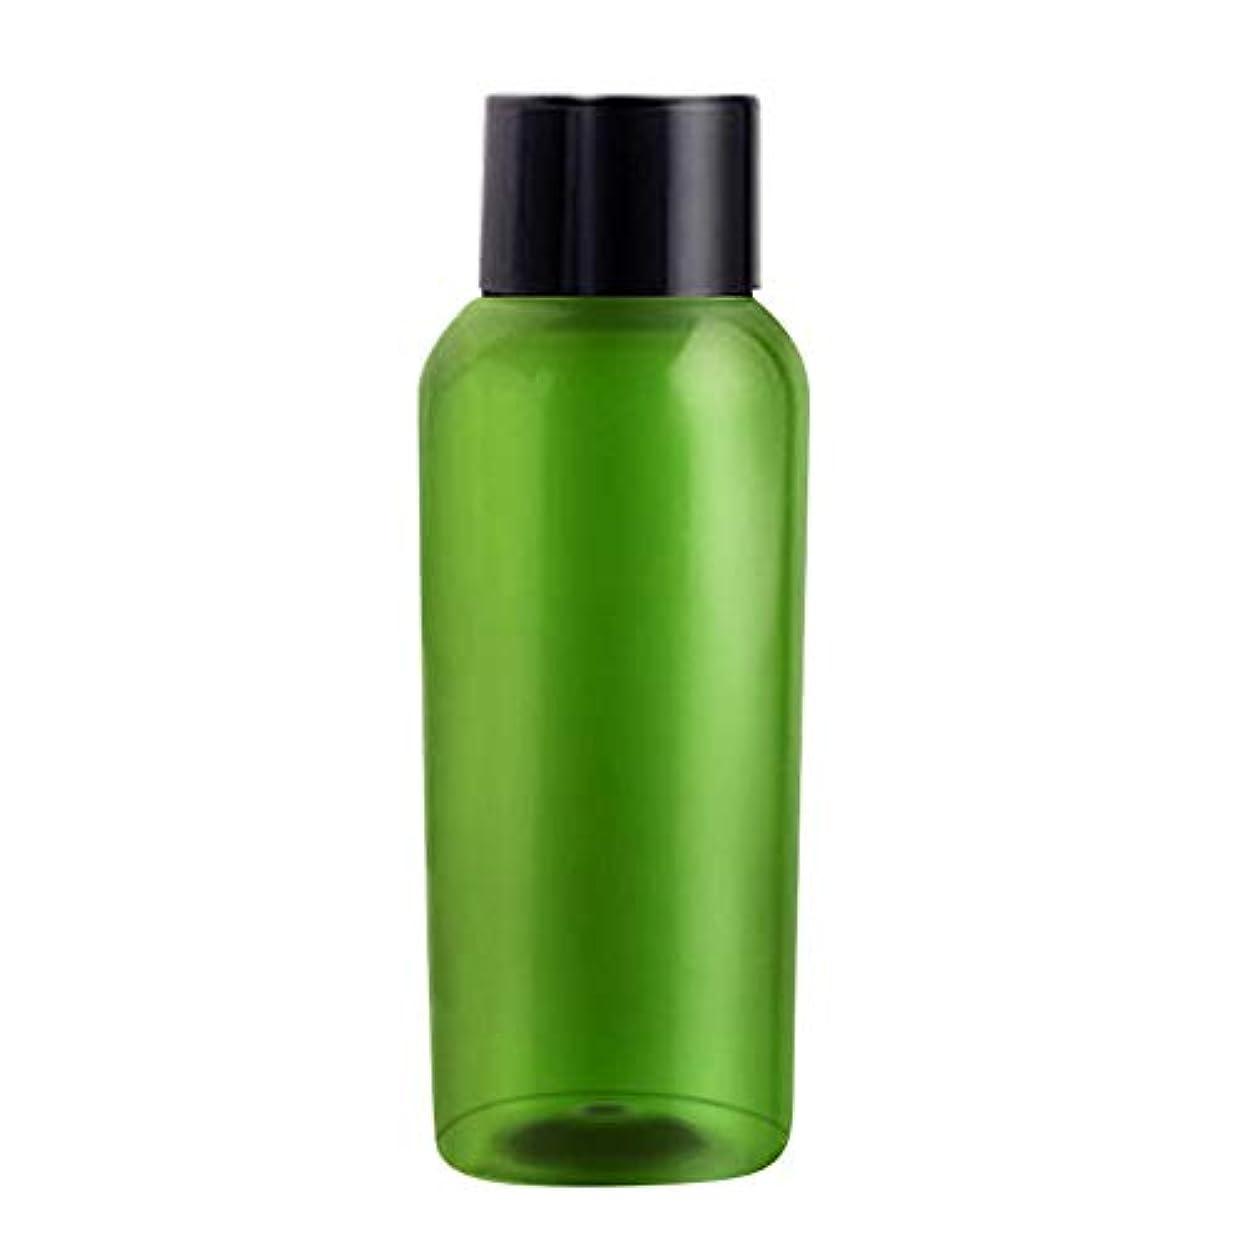 流出まっすぐにするうめき50ML分けボトル 詰替ボトル 化粧品ボトル 遮光瓶 出張?海外旅行用 収納 携帯便利 4本セット シャンプー?エマルジョン?化粧水ボトル シリコン製